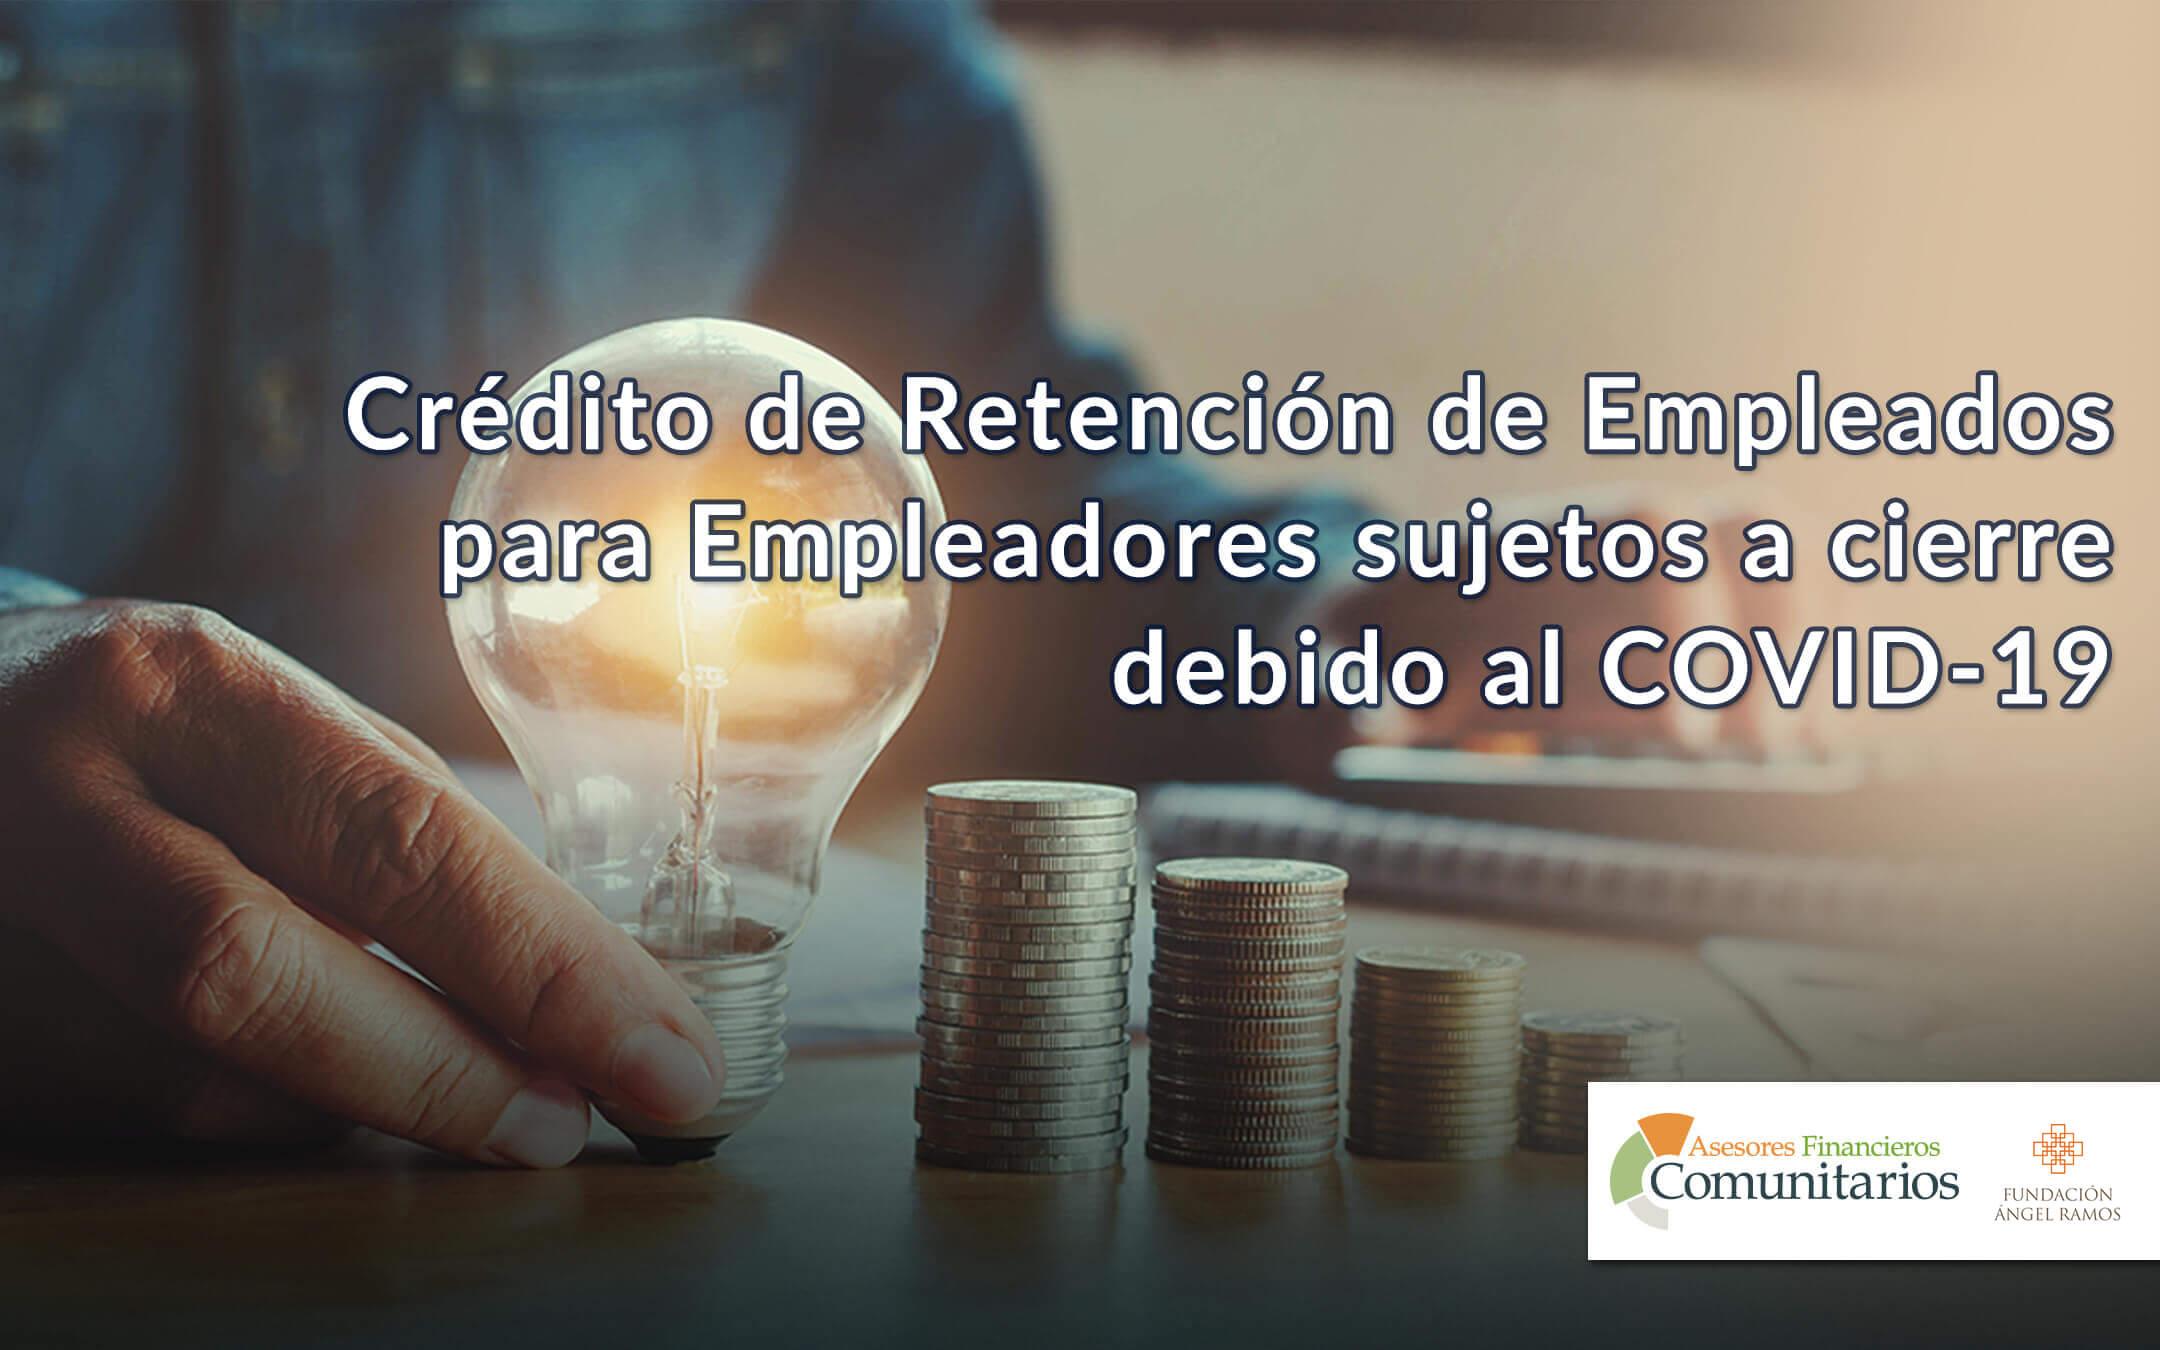 Crédito de Retención de Empleados para Empleadores sujetos a cierre debido al COVID-19